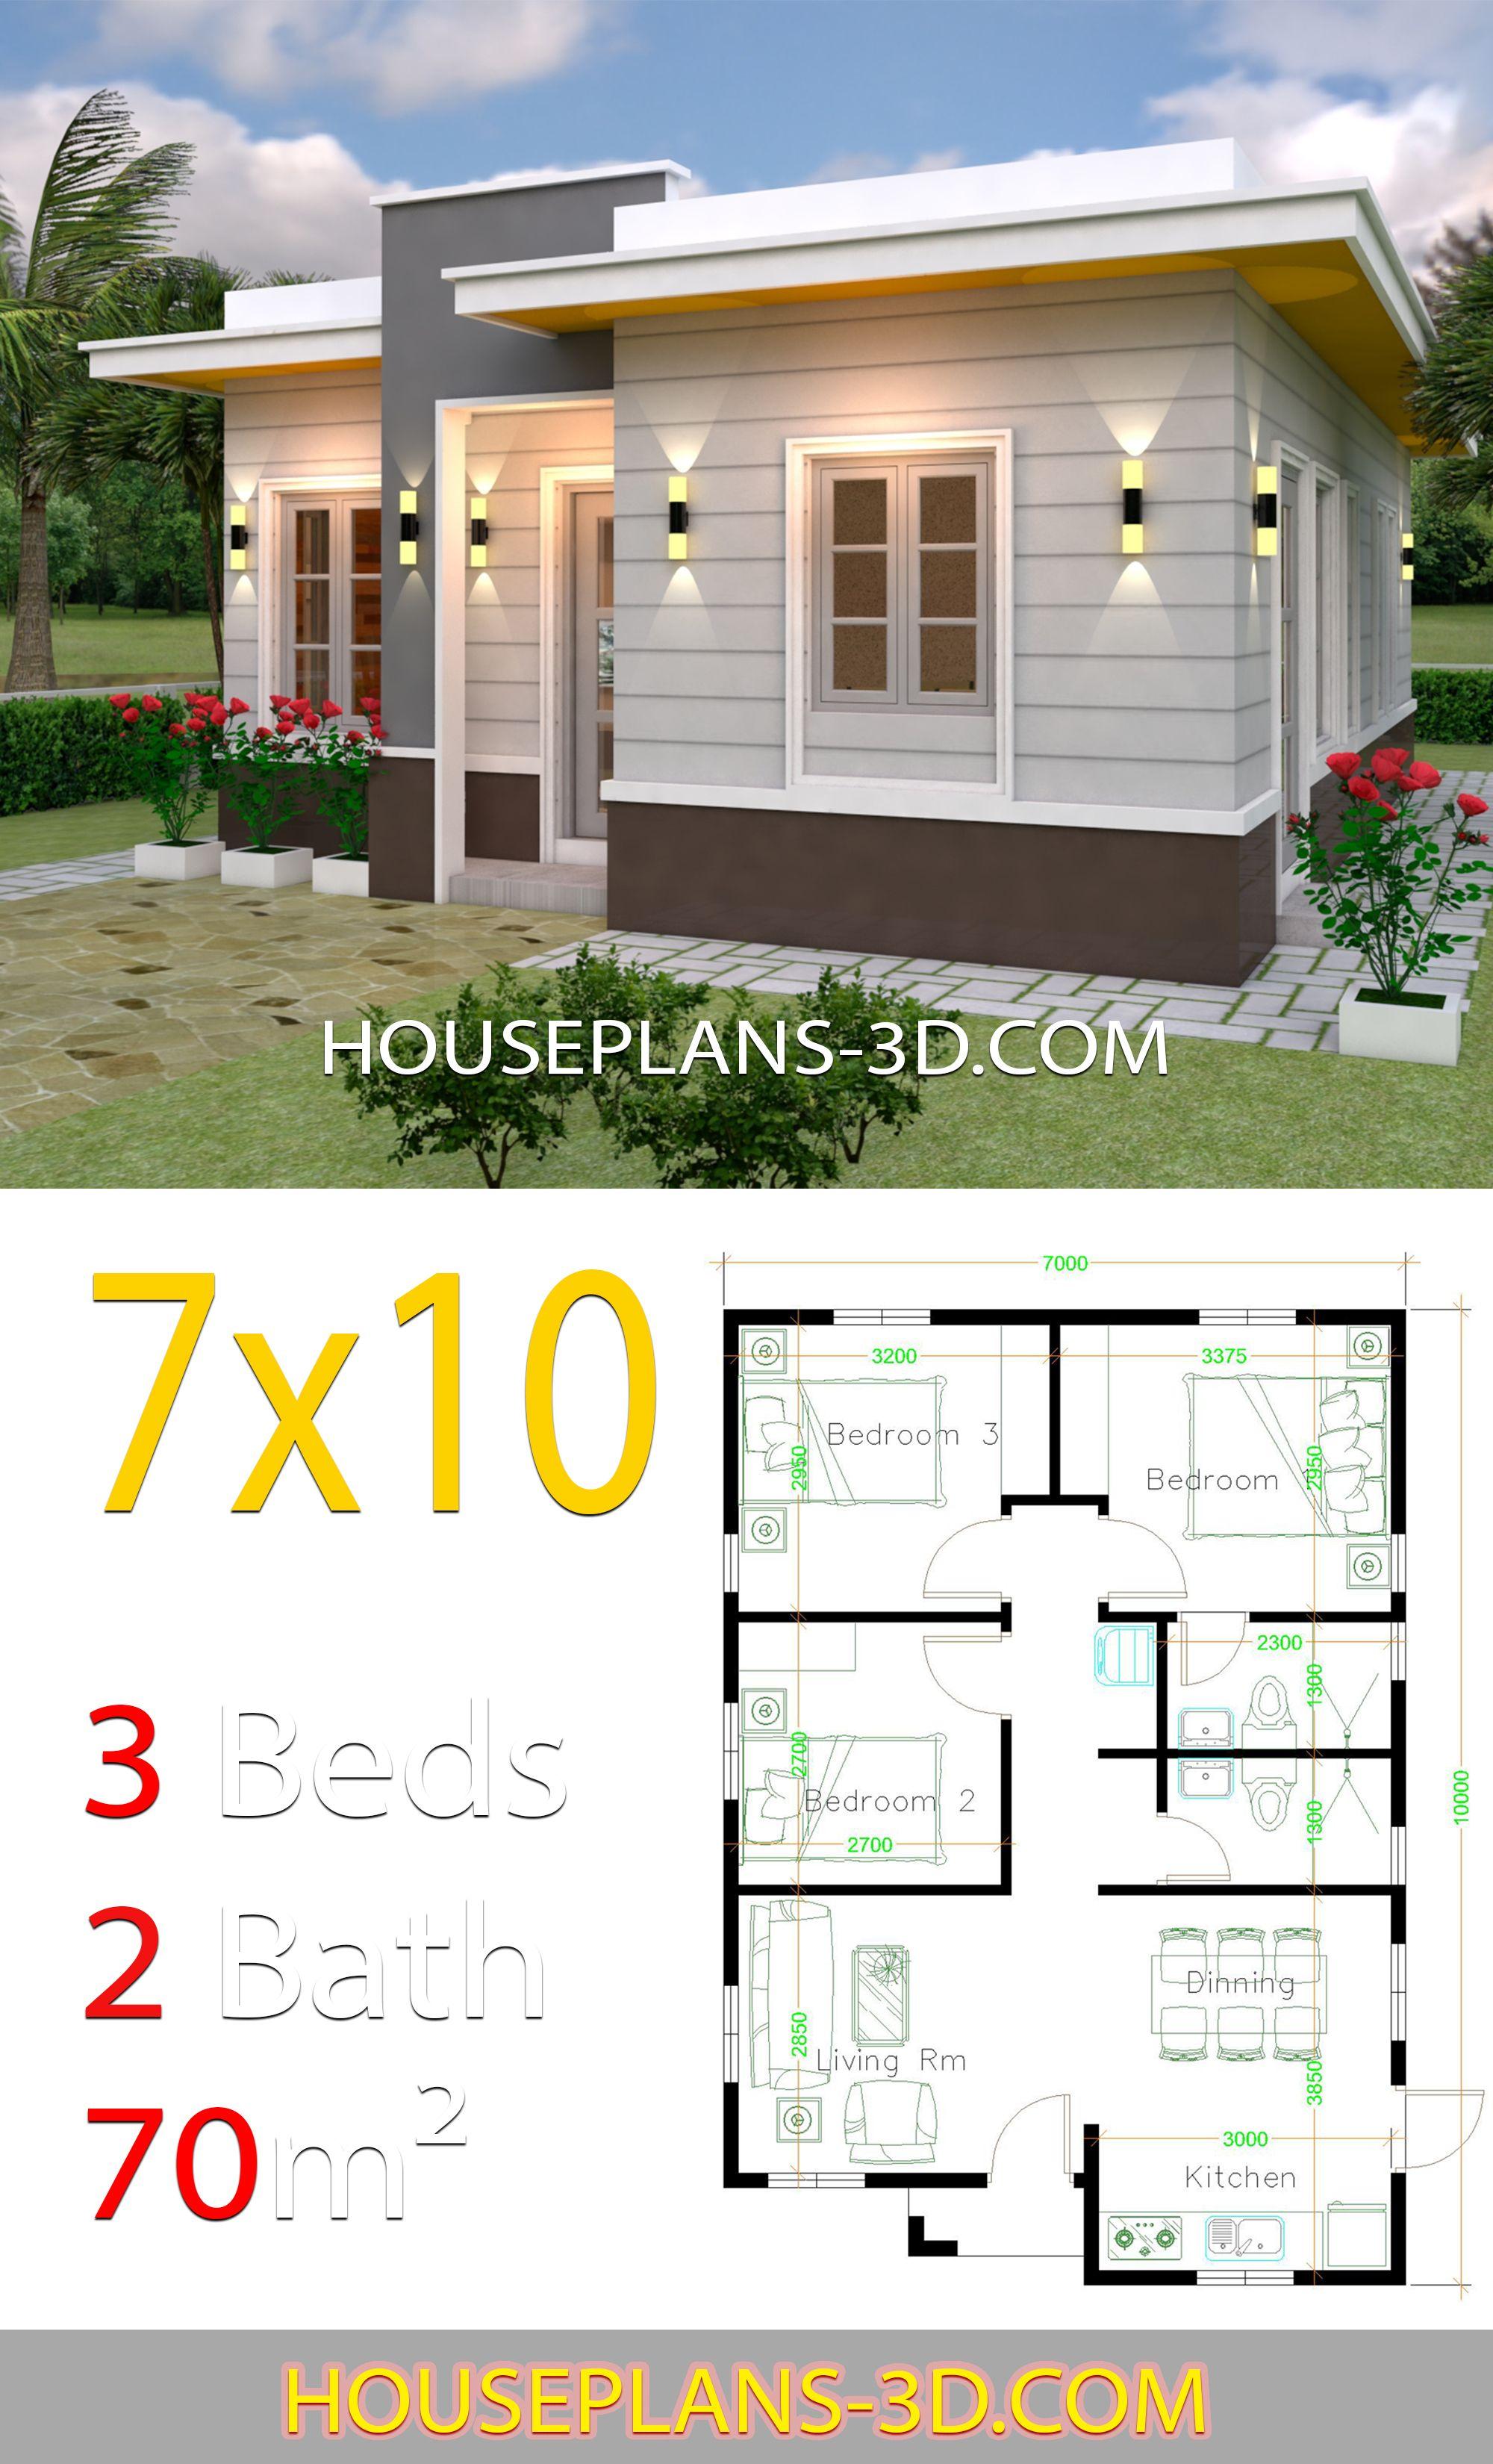 House Design 7x10 With 3 Bedrooms Terrace Roof House Plans 3d Croquis De Casas Pequenas Planos De Casas Medidas Diseno De Casas Sencillas